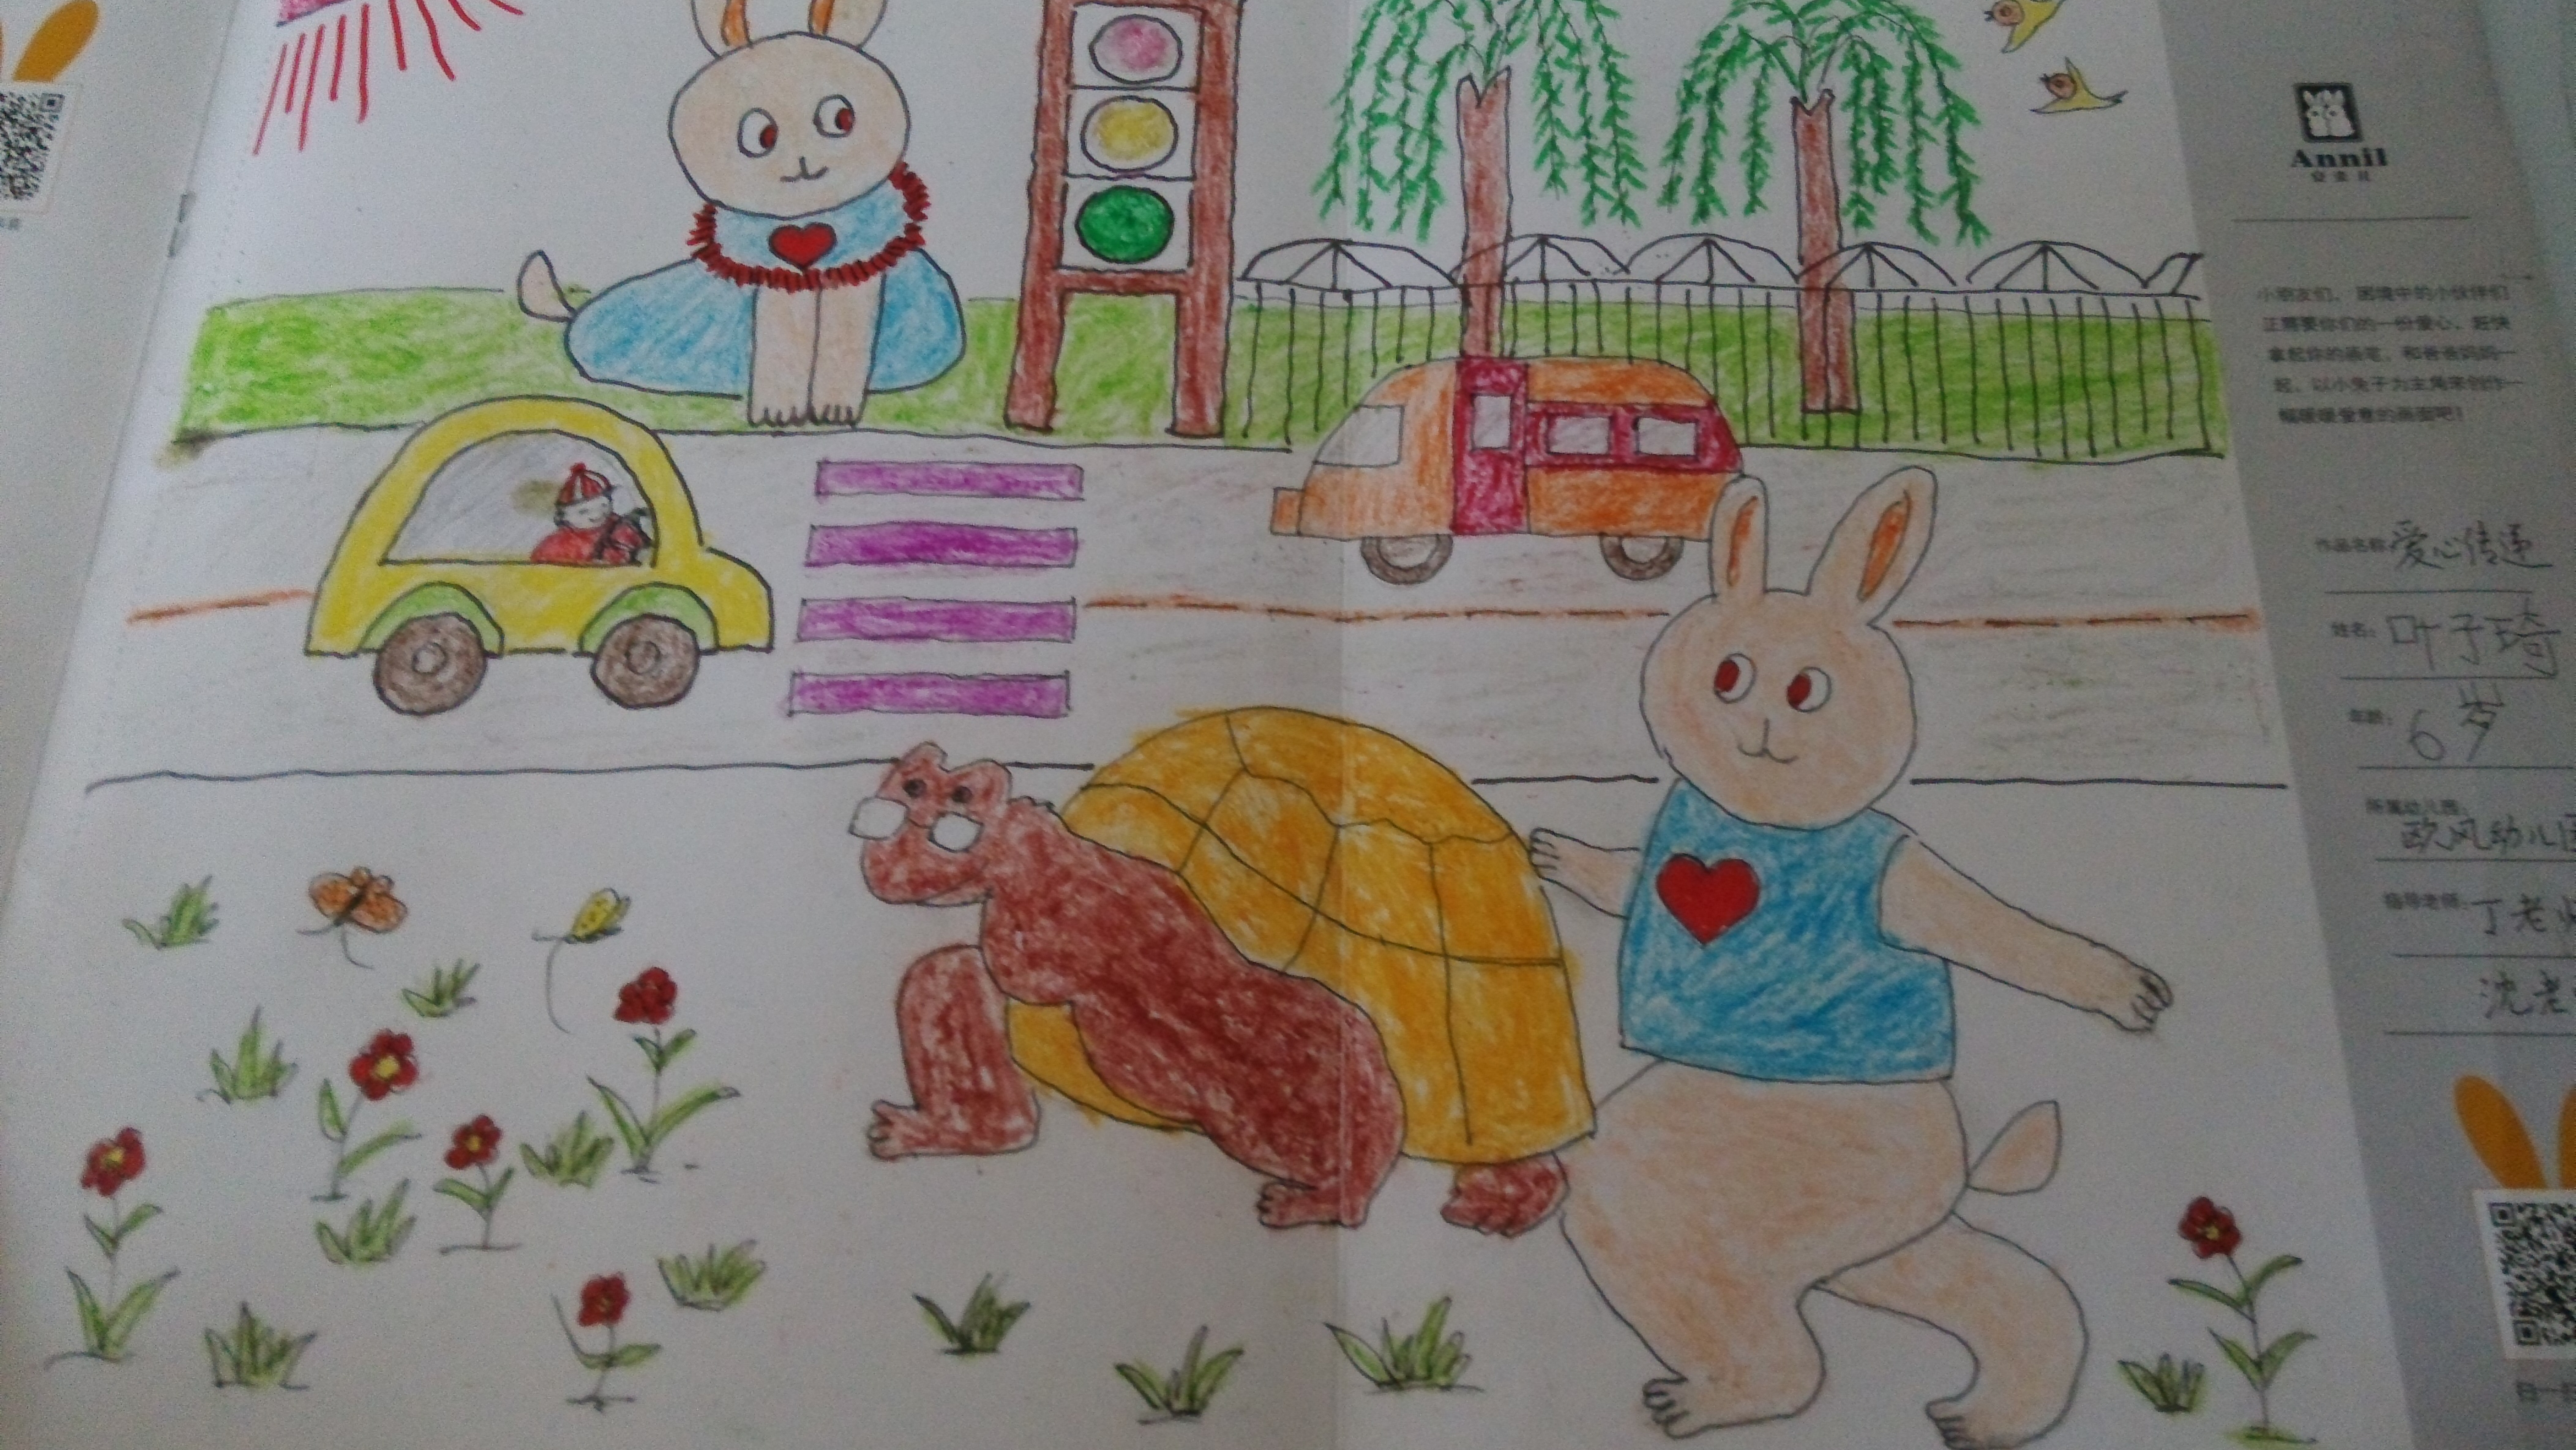 柳树爷爷儿童画